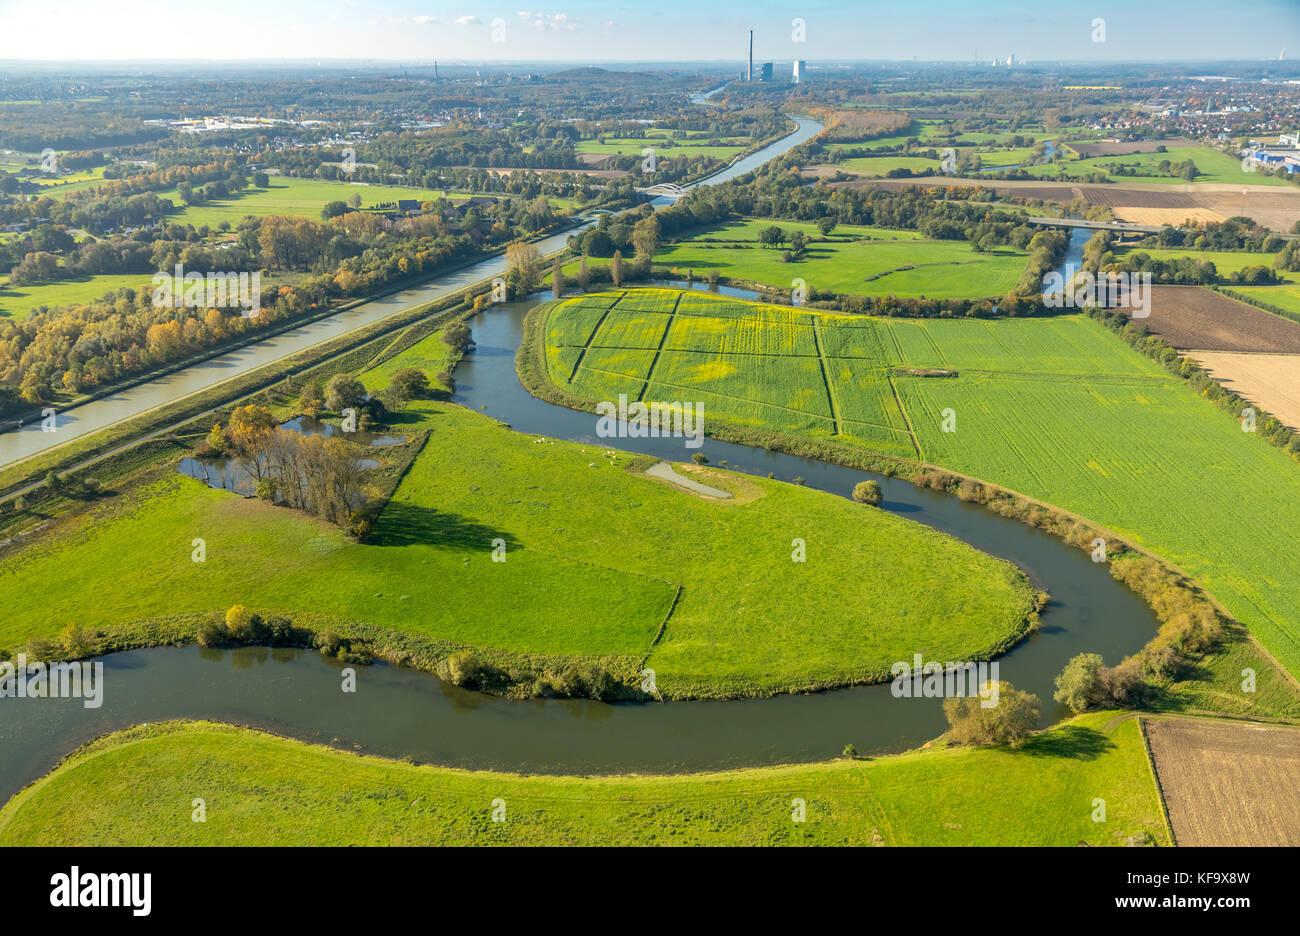 Fluß Lippe, Lippemäander auf der Stadtgrenze zwischen Werne und Hamm, Lippeauen, Wiesen, Naturschutzgebiet, - Stock Image